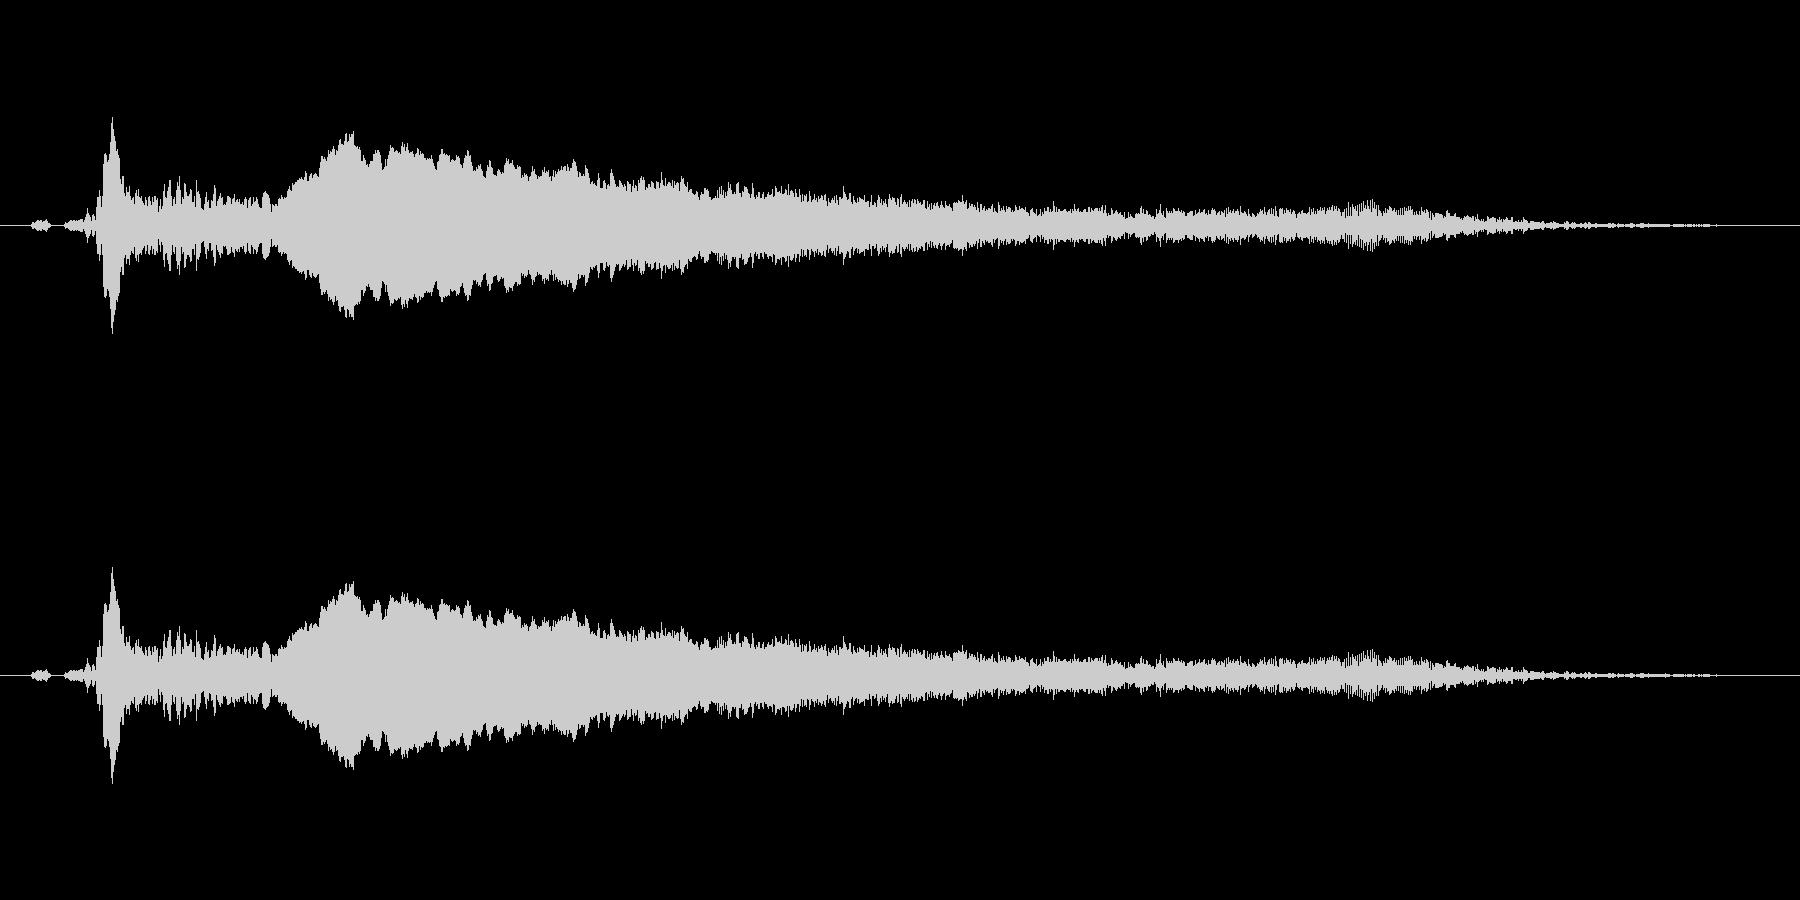 【鷹】とてもリアルな鷹、たかの鳴き声2!の未再生の波形